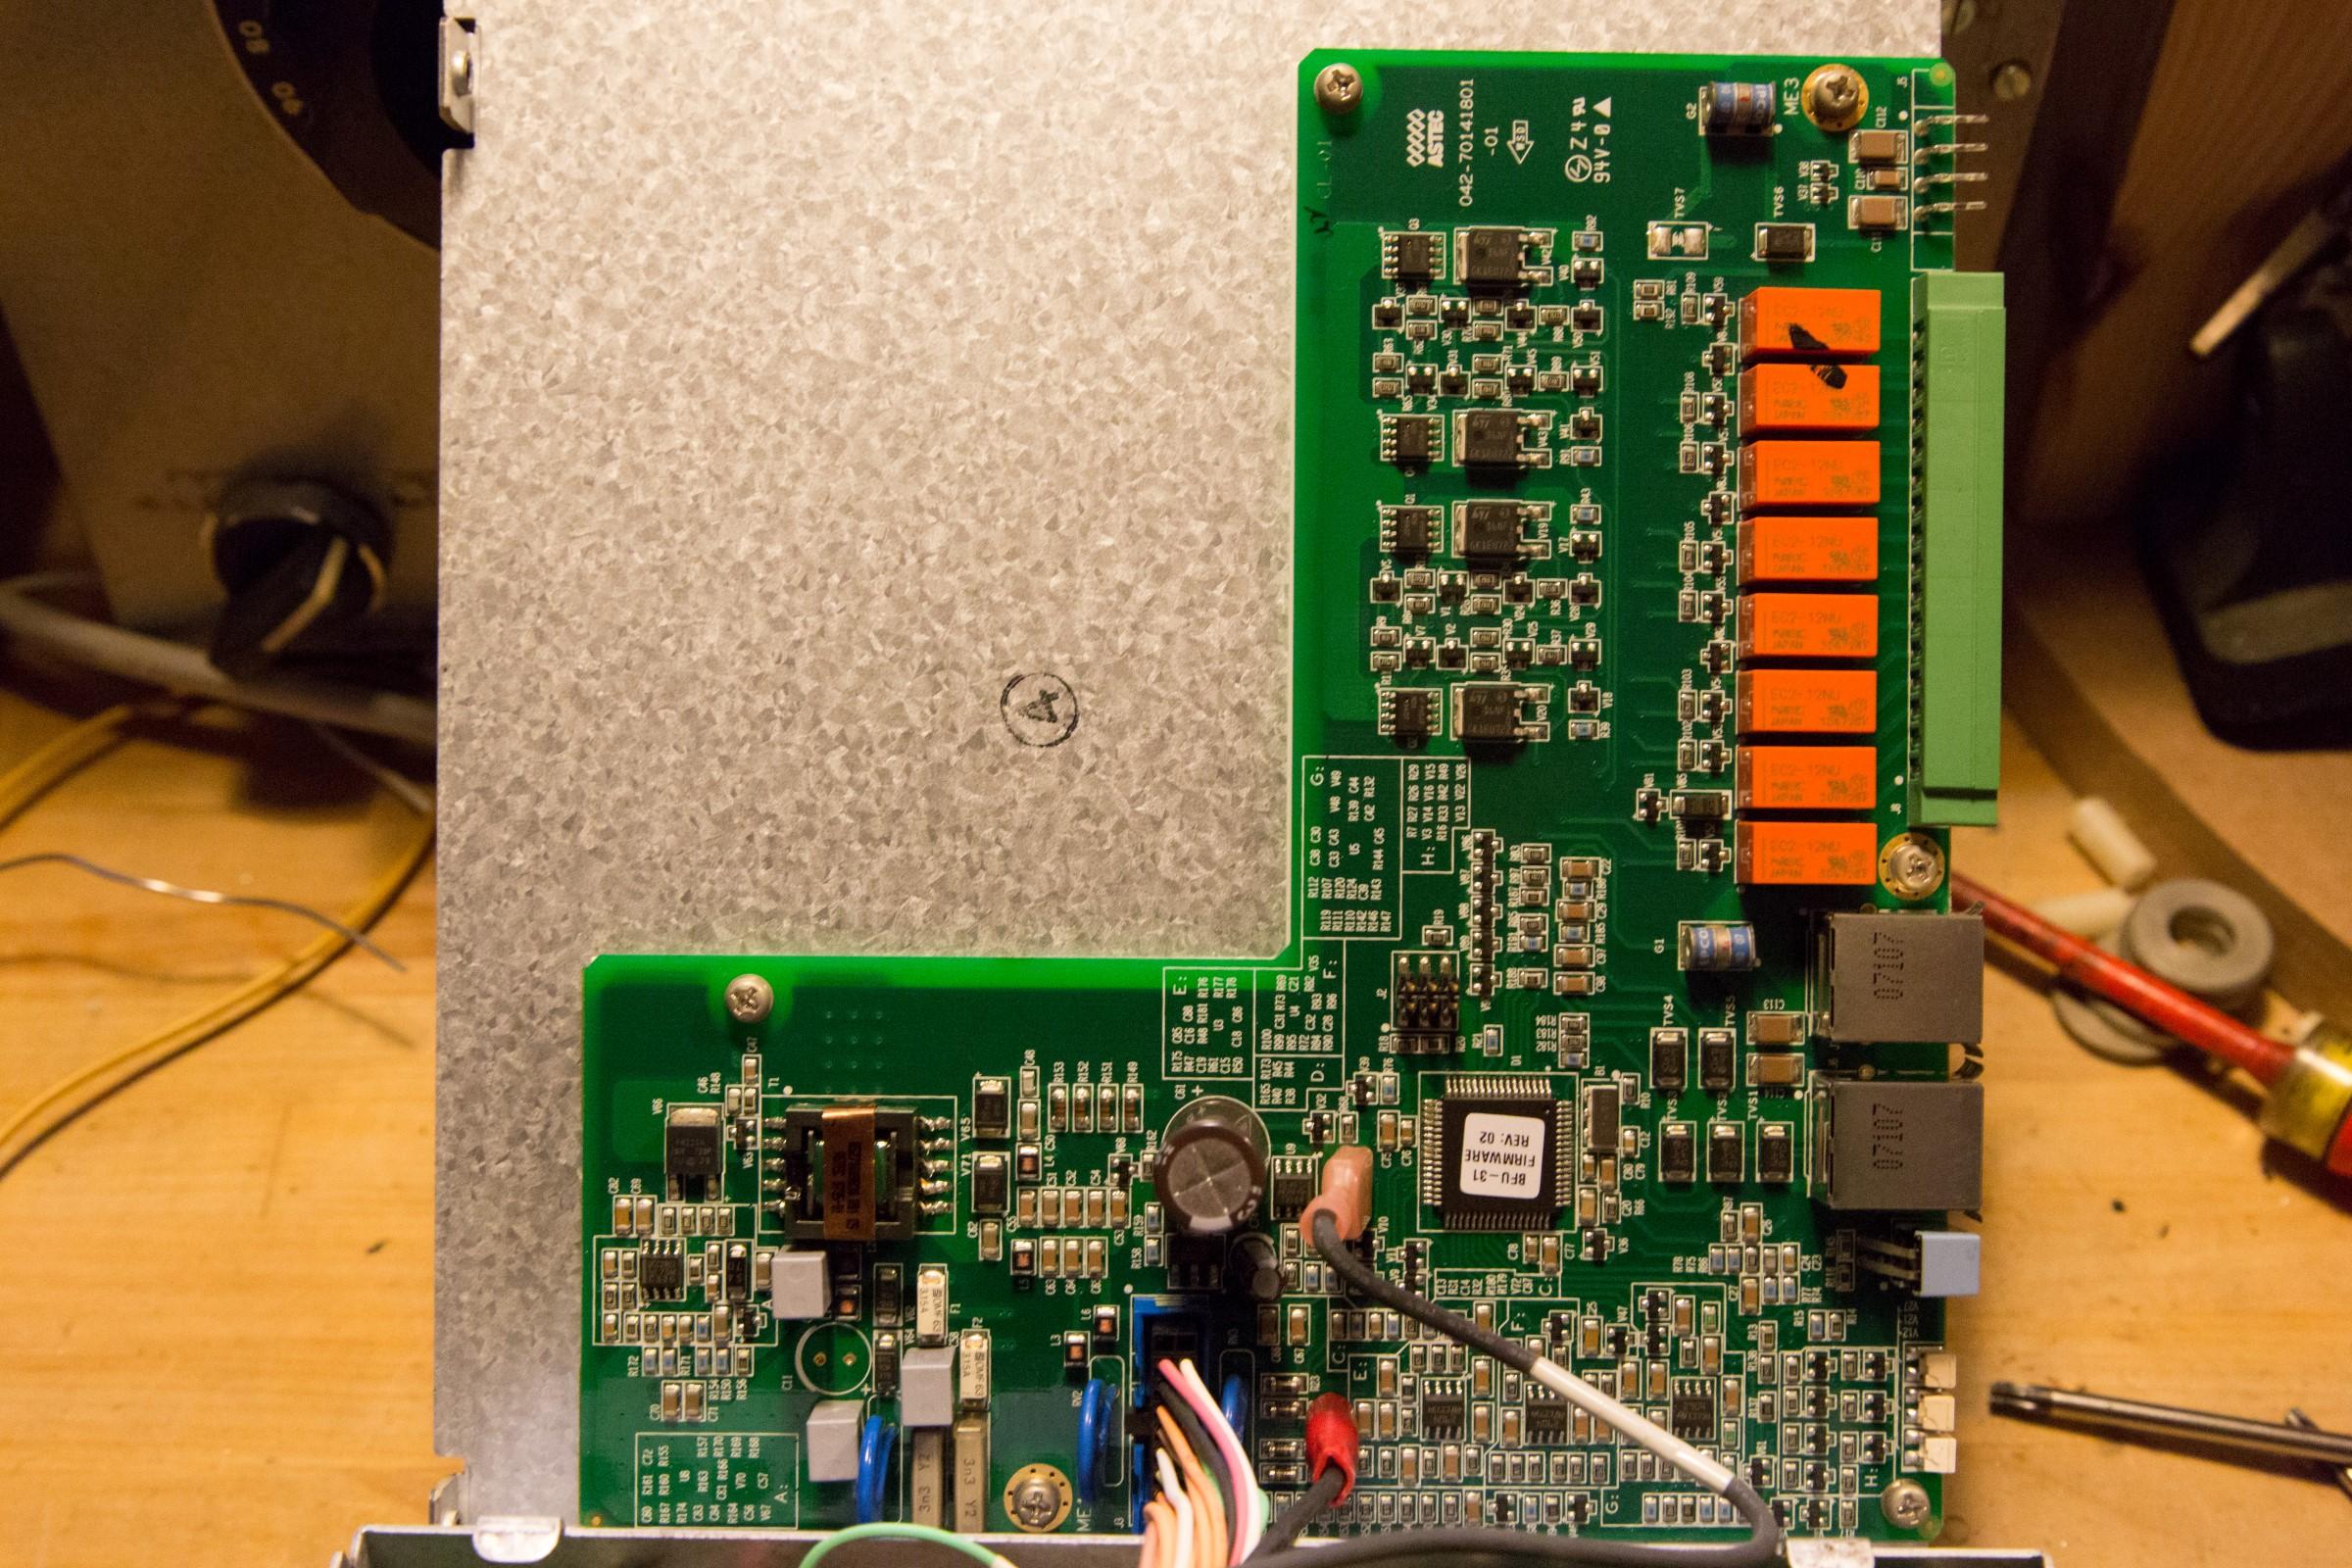 Ericsson RBS 2216 900 MHz base station teardown | Kaizer